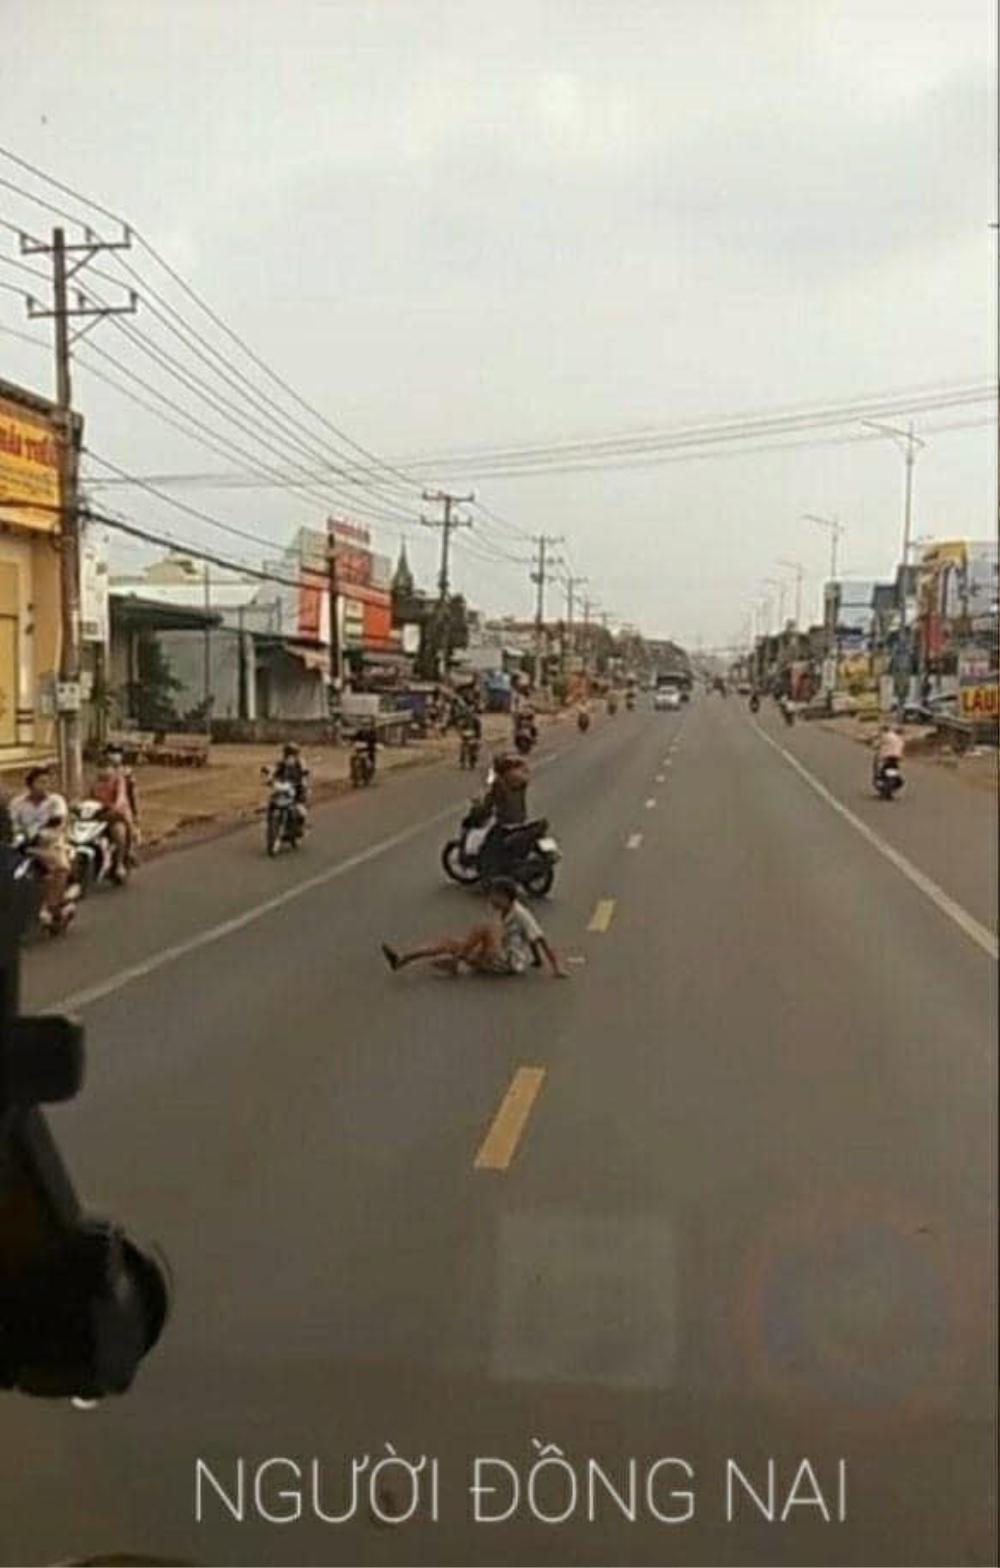 Bất ngờ dùng xe máy chặn đường ô tô, hành động sau đó của chàng trai khiến nhiều người cay khóe mắt Ảnh 2